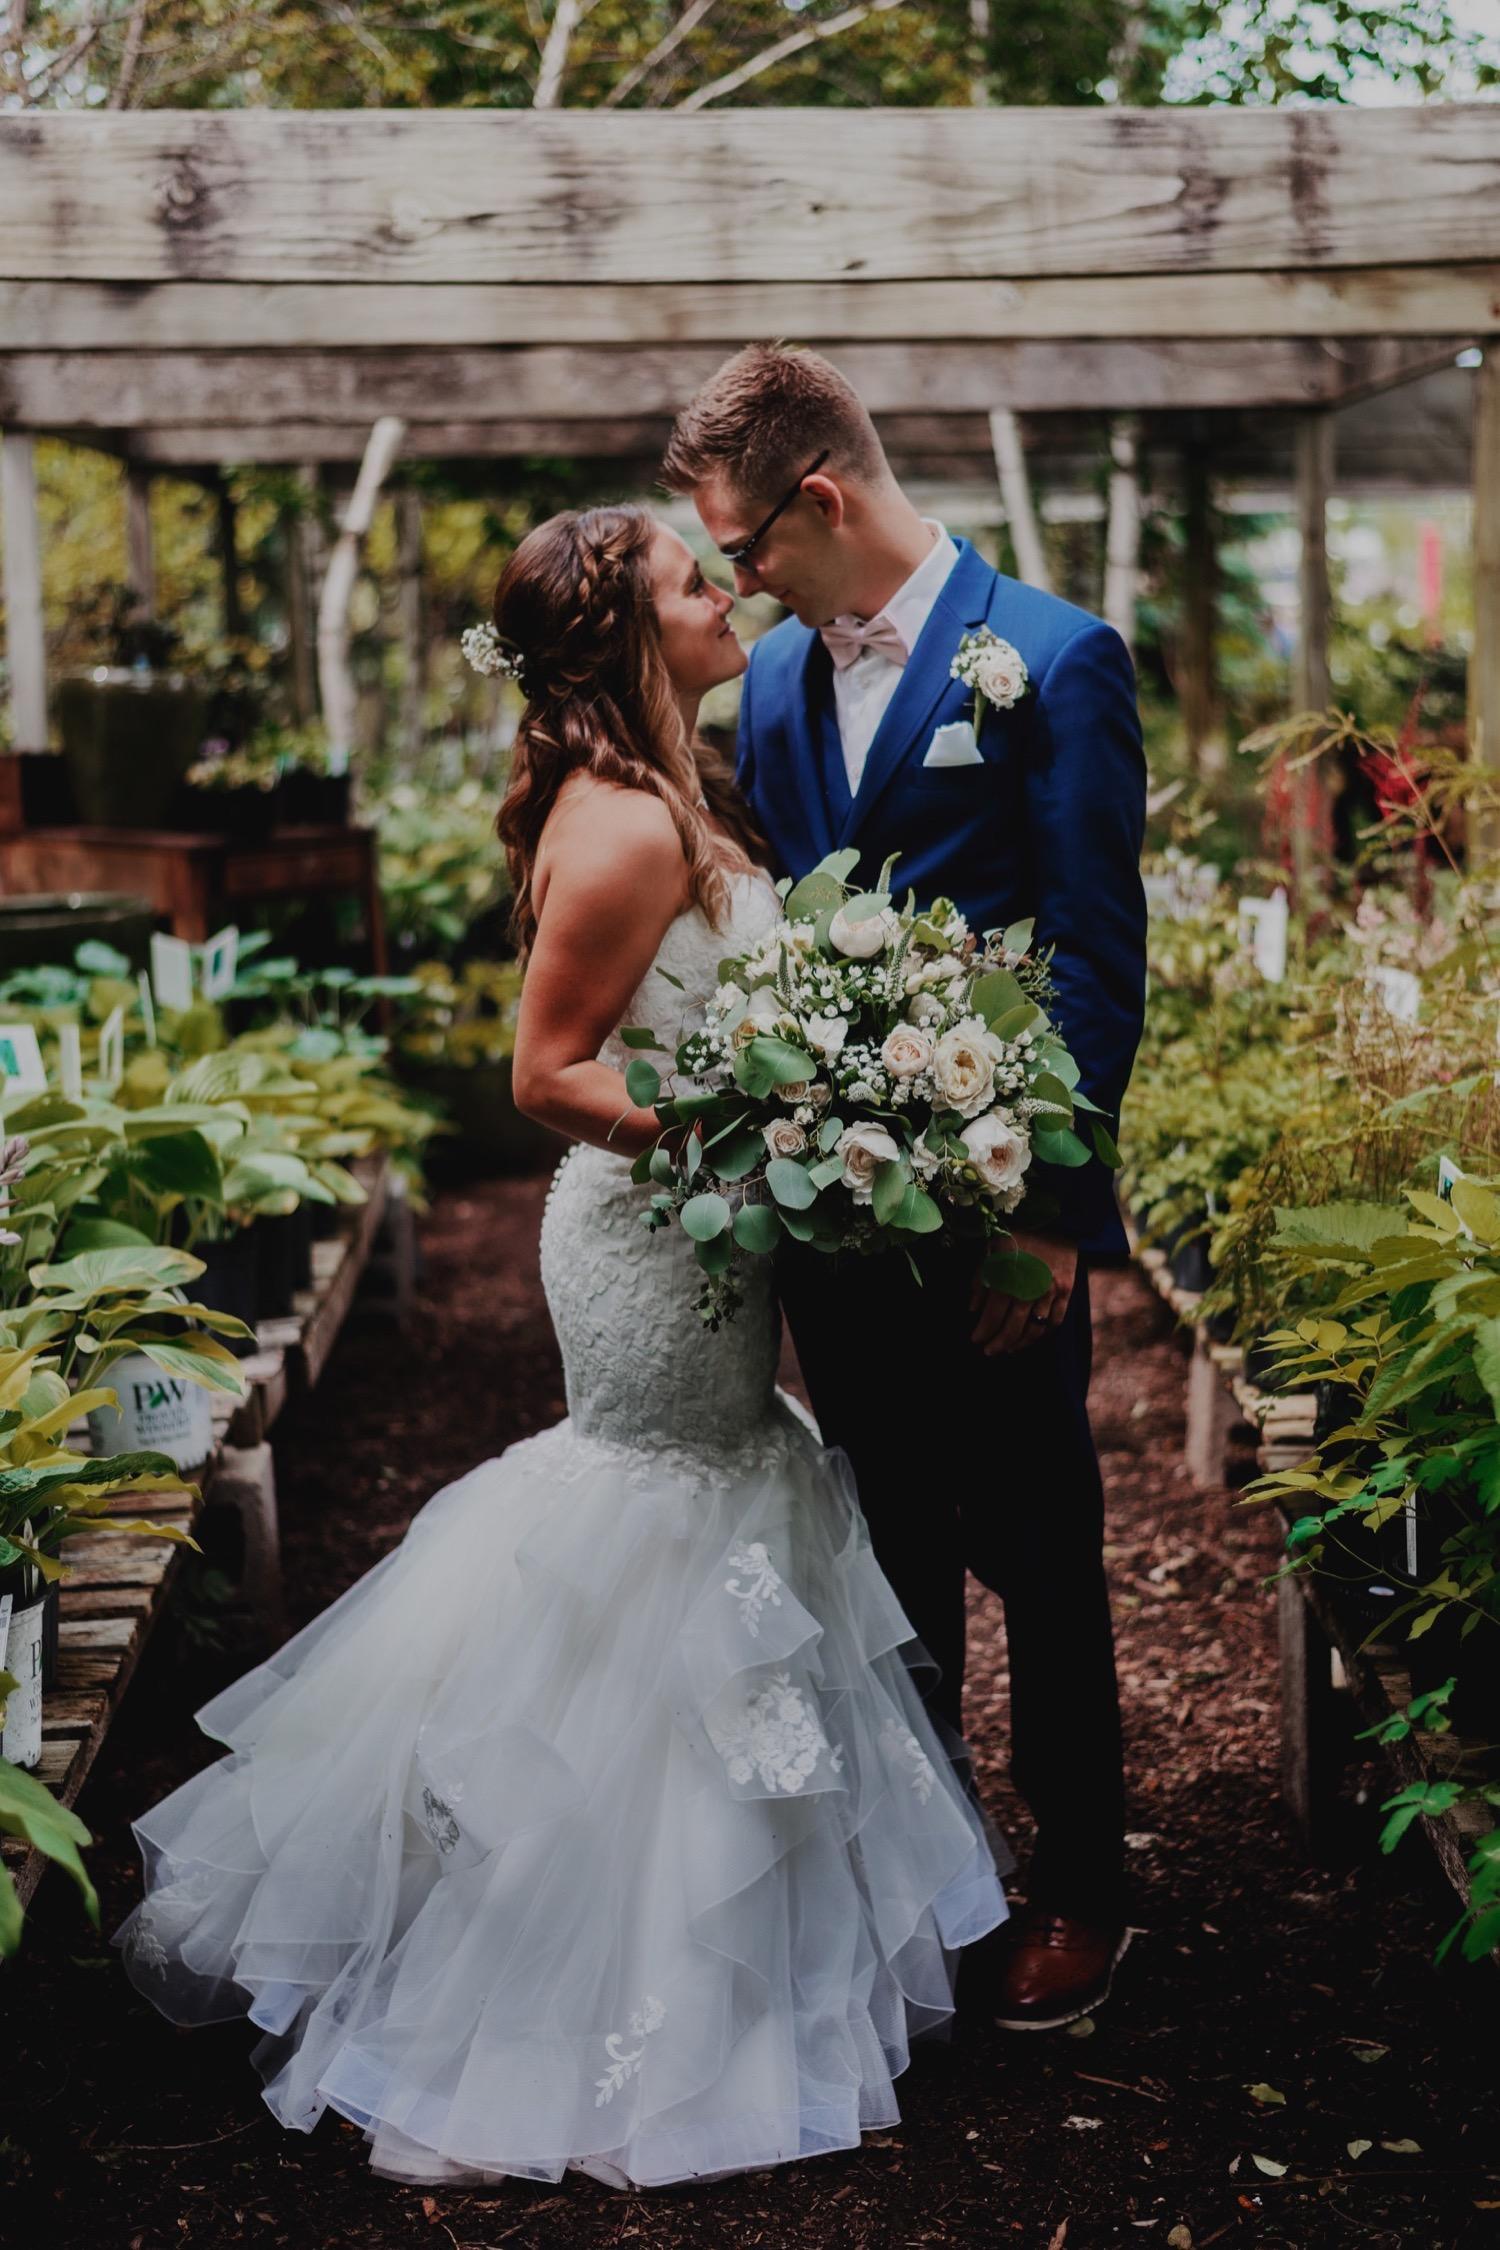 073_Treml-Meck-Blumen-Gardens-Sycamore-Wedding0112.jpg